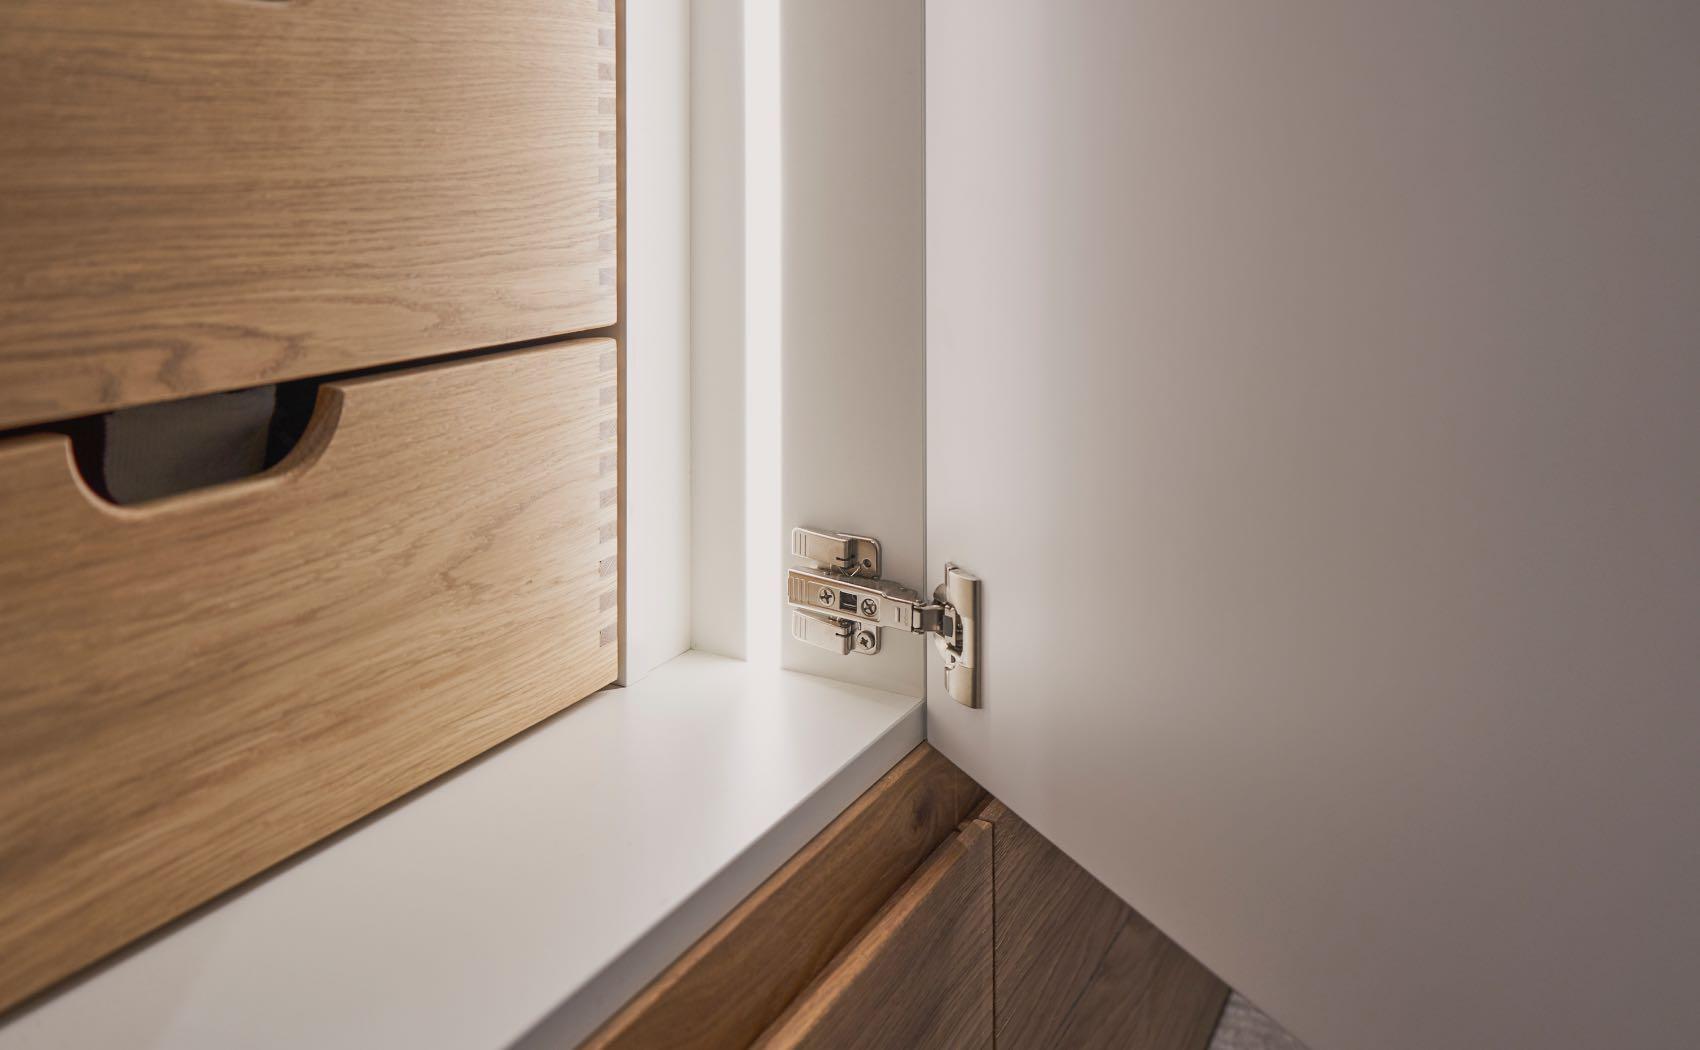 Schrank mit LED Innenbeleuchtung